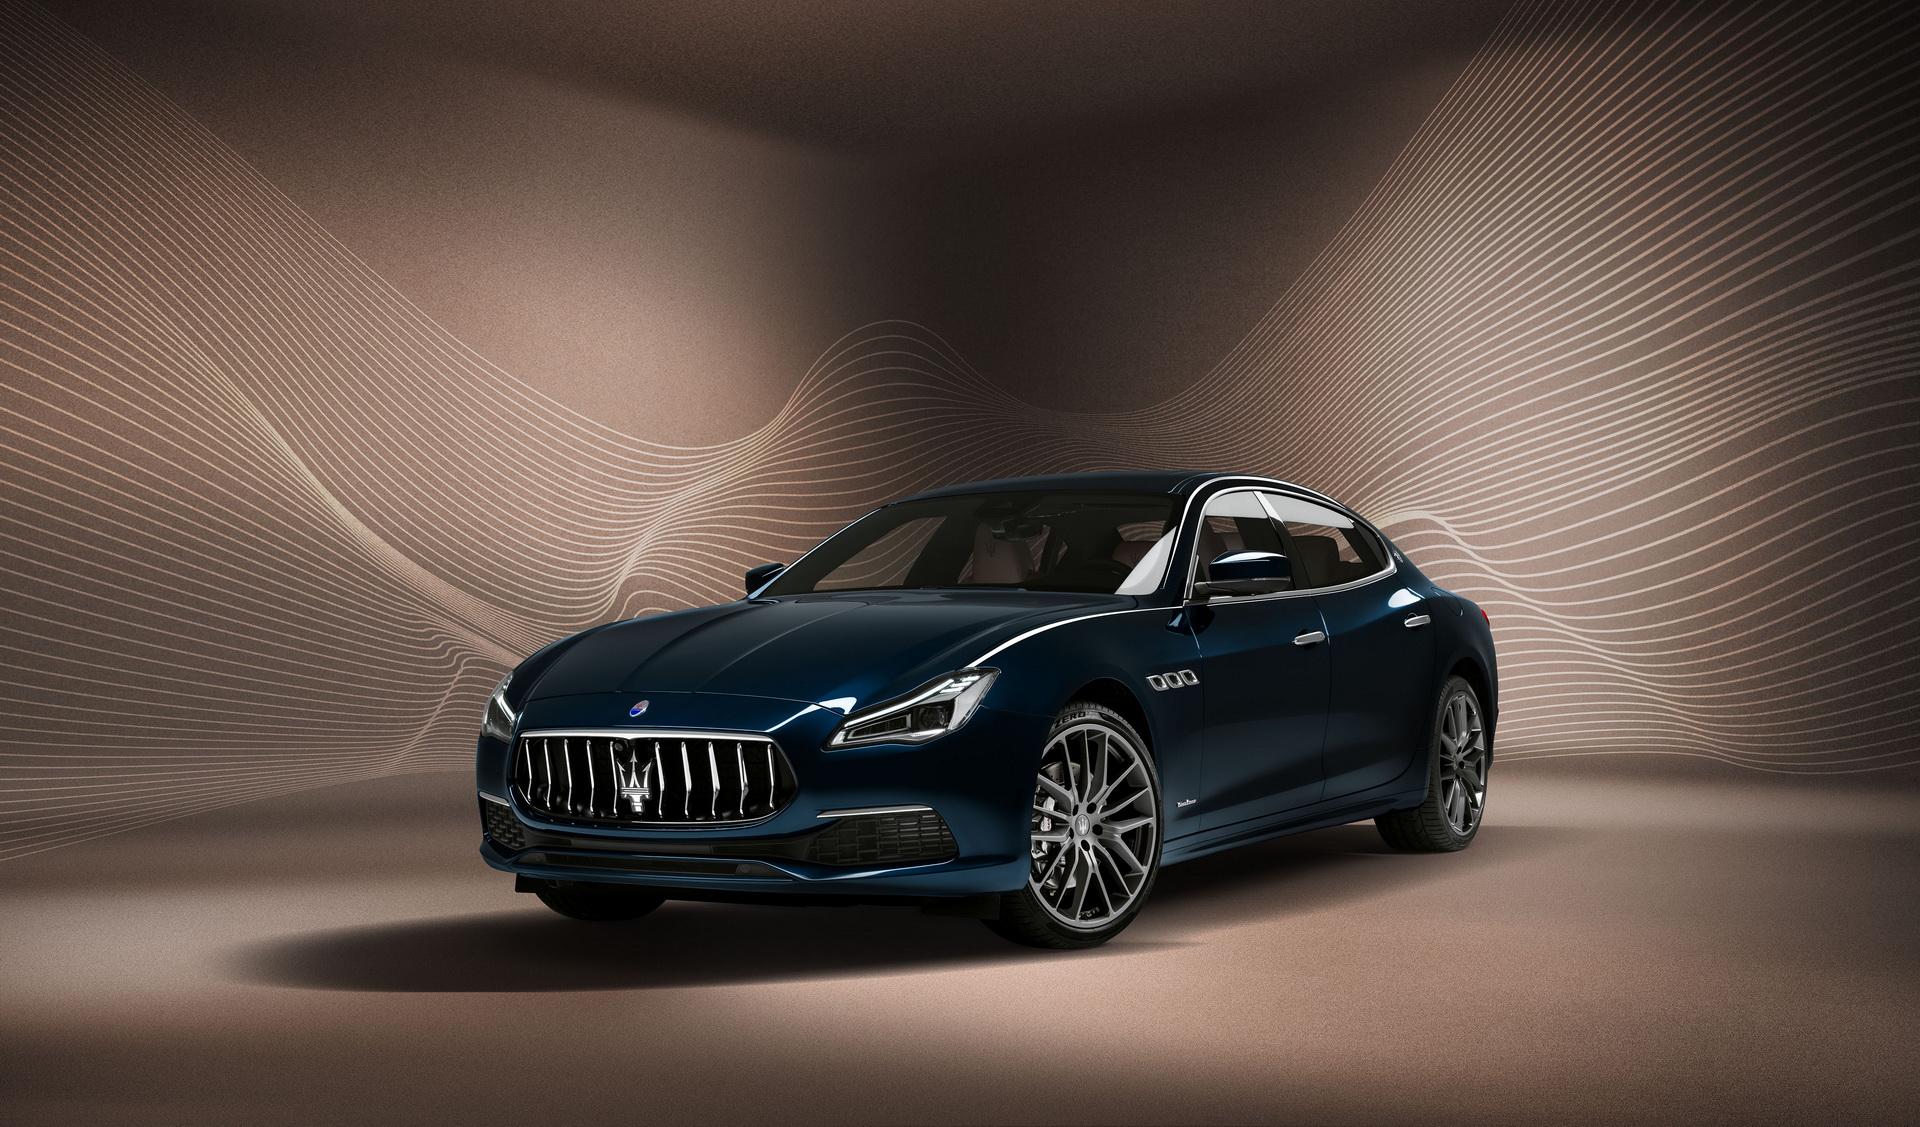 Maserati-Quattroporte-Levante-And-Ghibli-Royale-editions-5